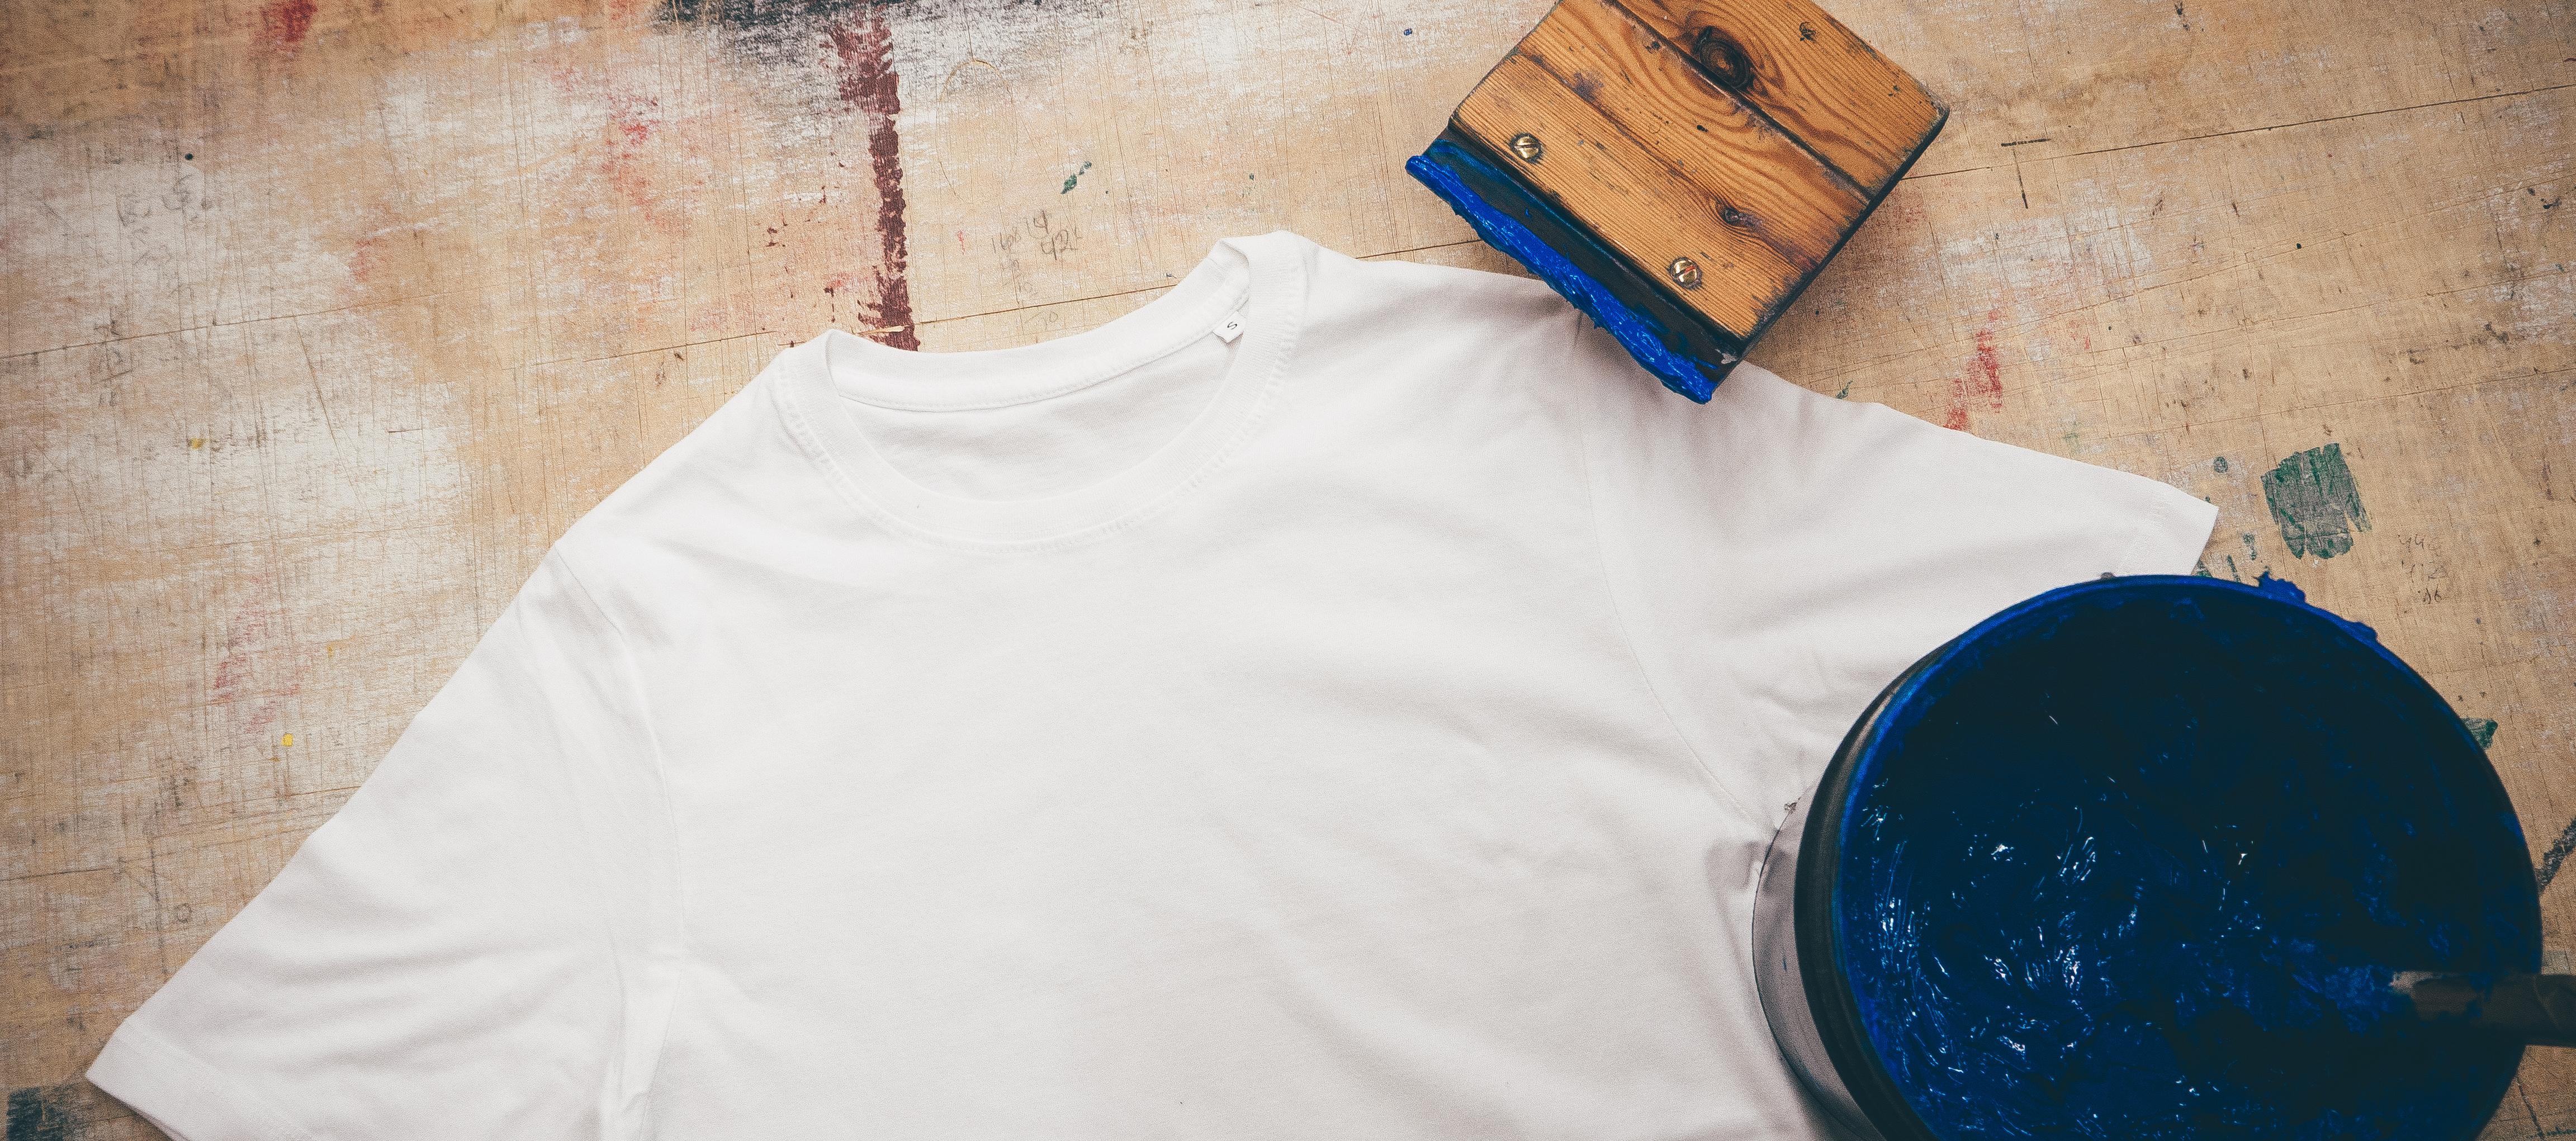 Vaatepainatus - tekstiilien laadukasta painatusta Turussa